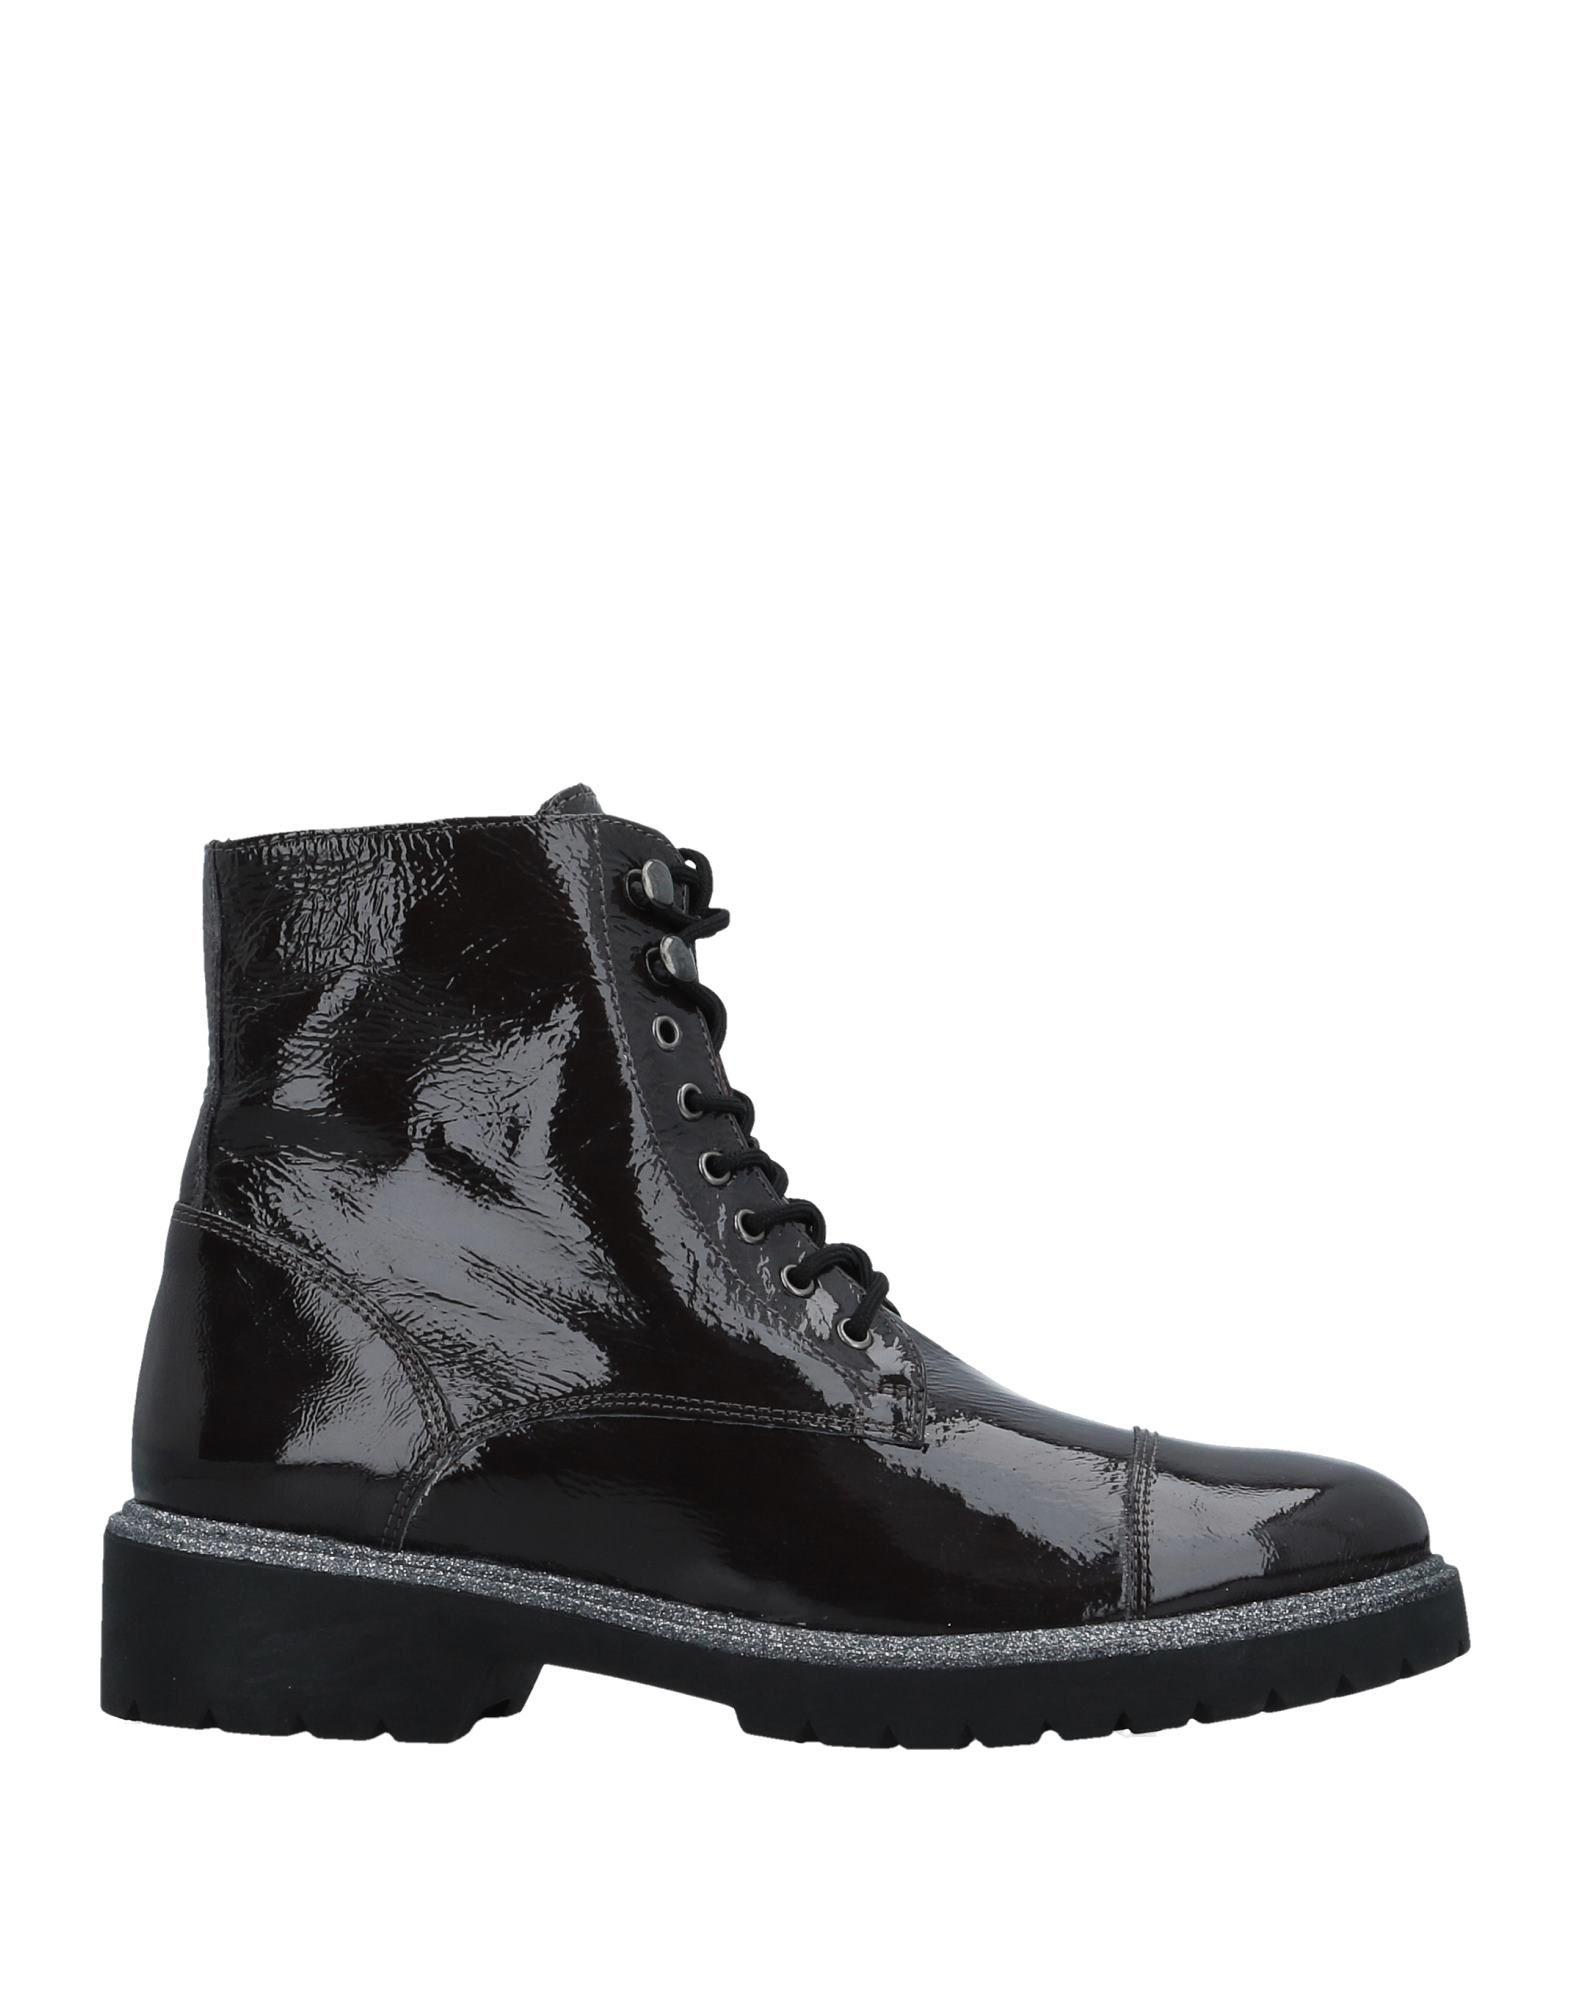 Bottine Carlo Pazolini Femme - Bottines Carlo Pazolini Plomb Dernières chaussures discount pour hommes et femmes